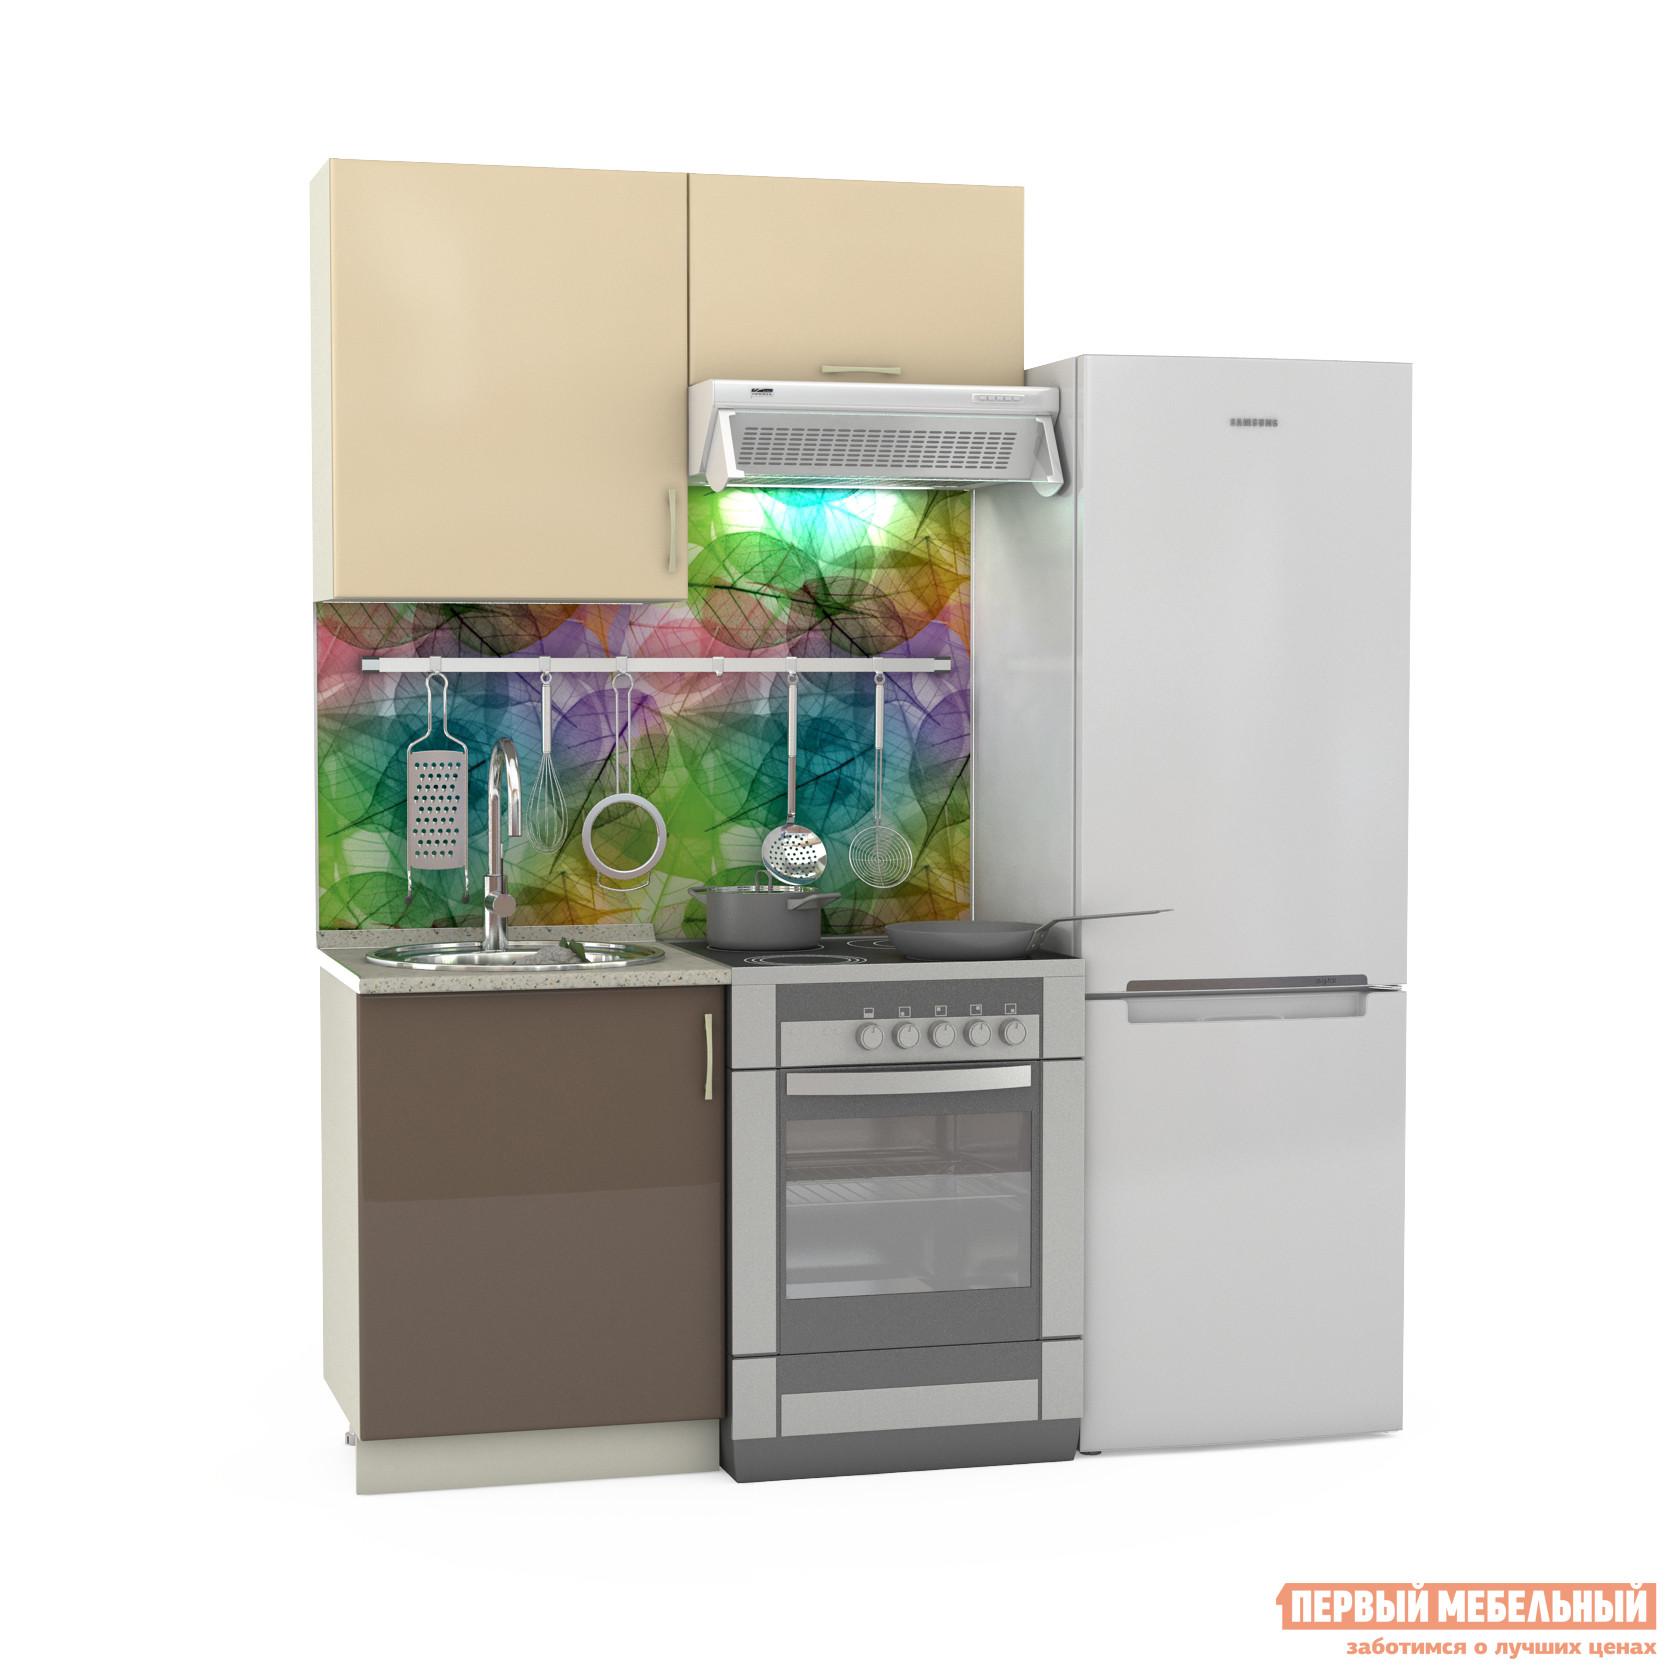 Кухонный гарнитур Бит и Байт Сандра-1 120 см кухонный гарнитур трия оливия 240 см